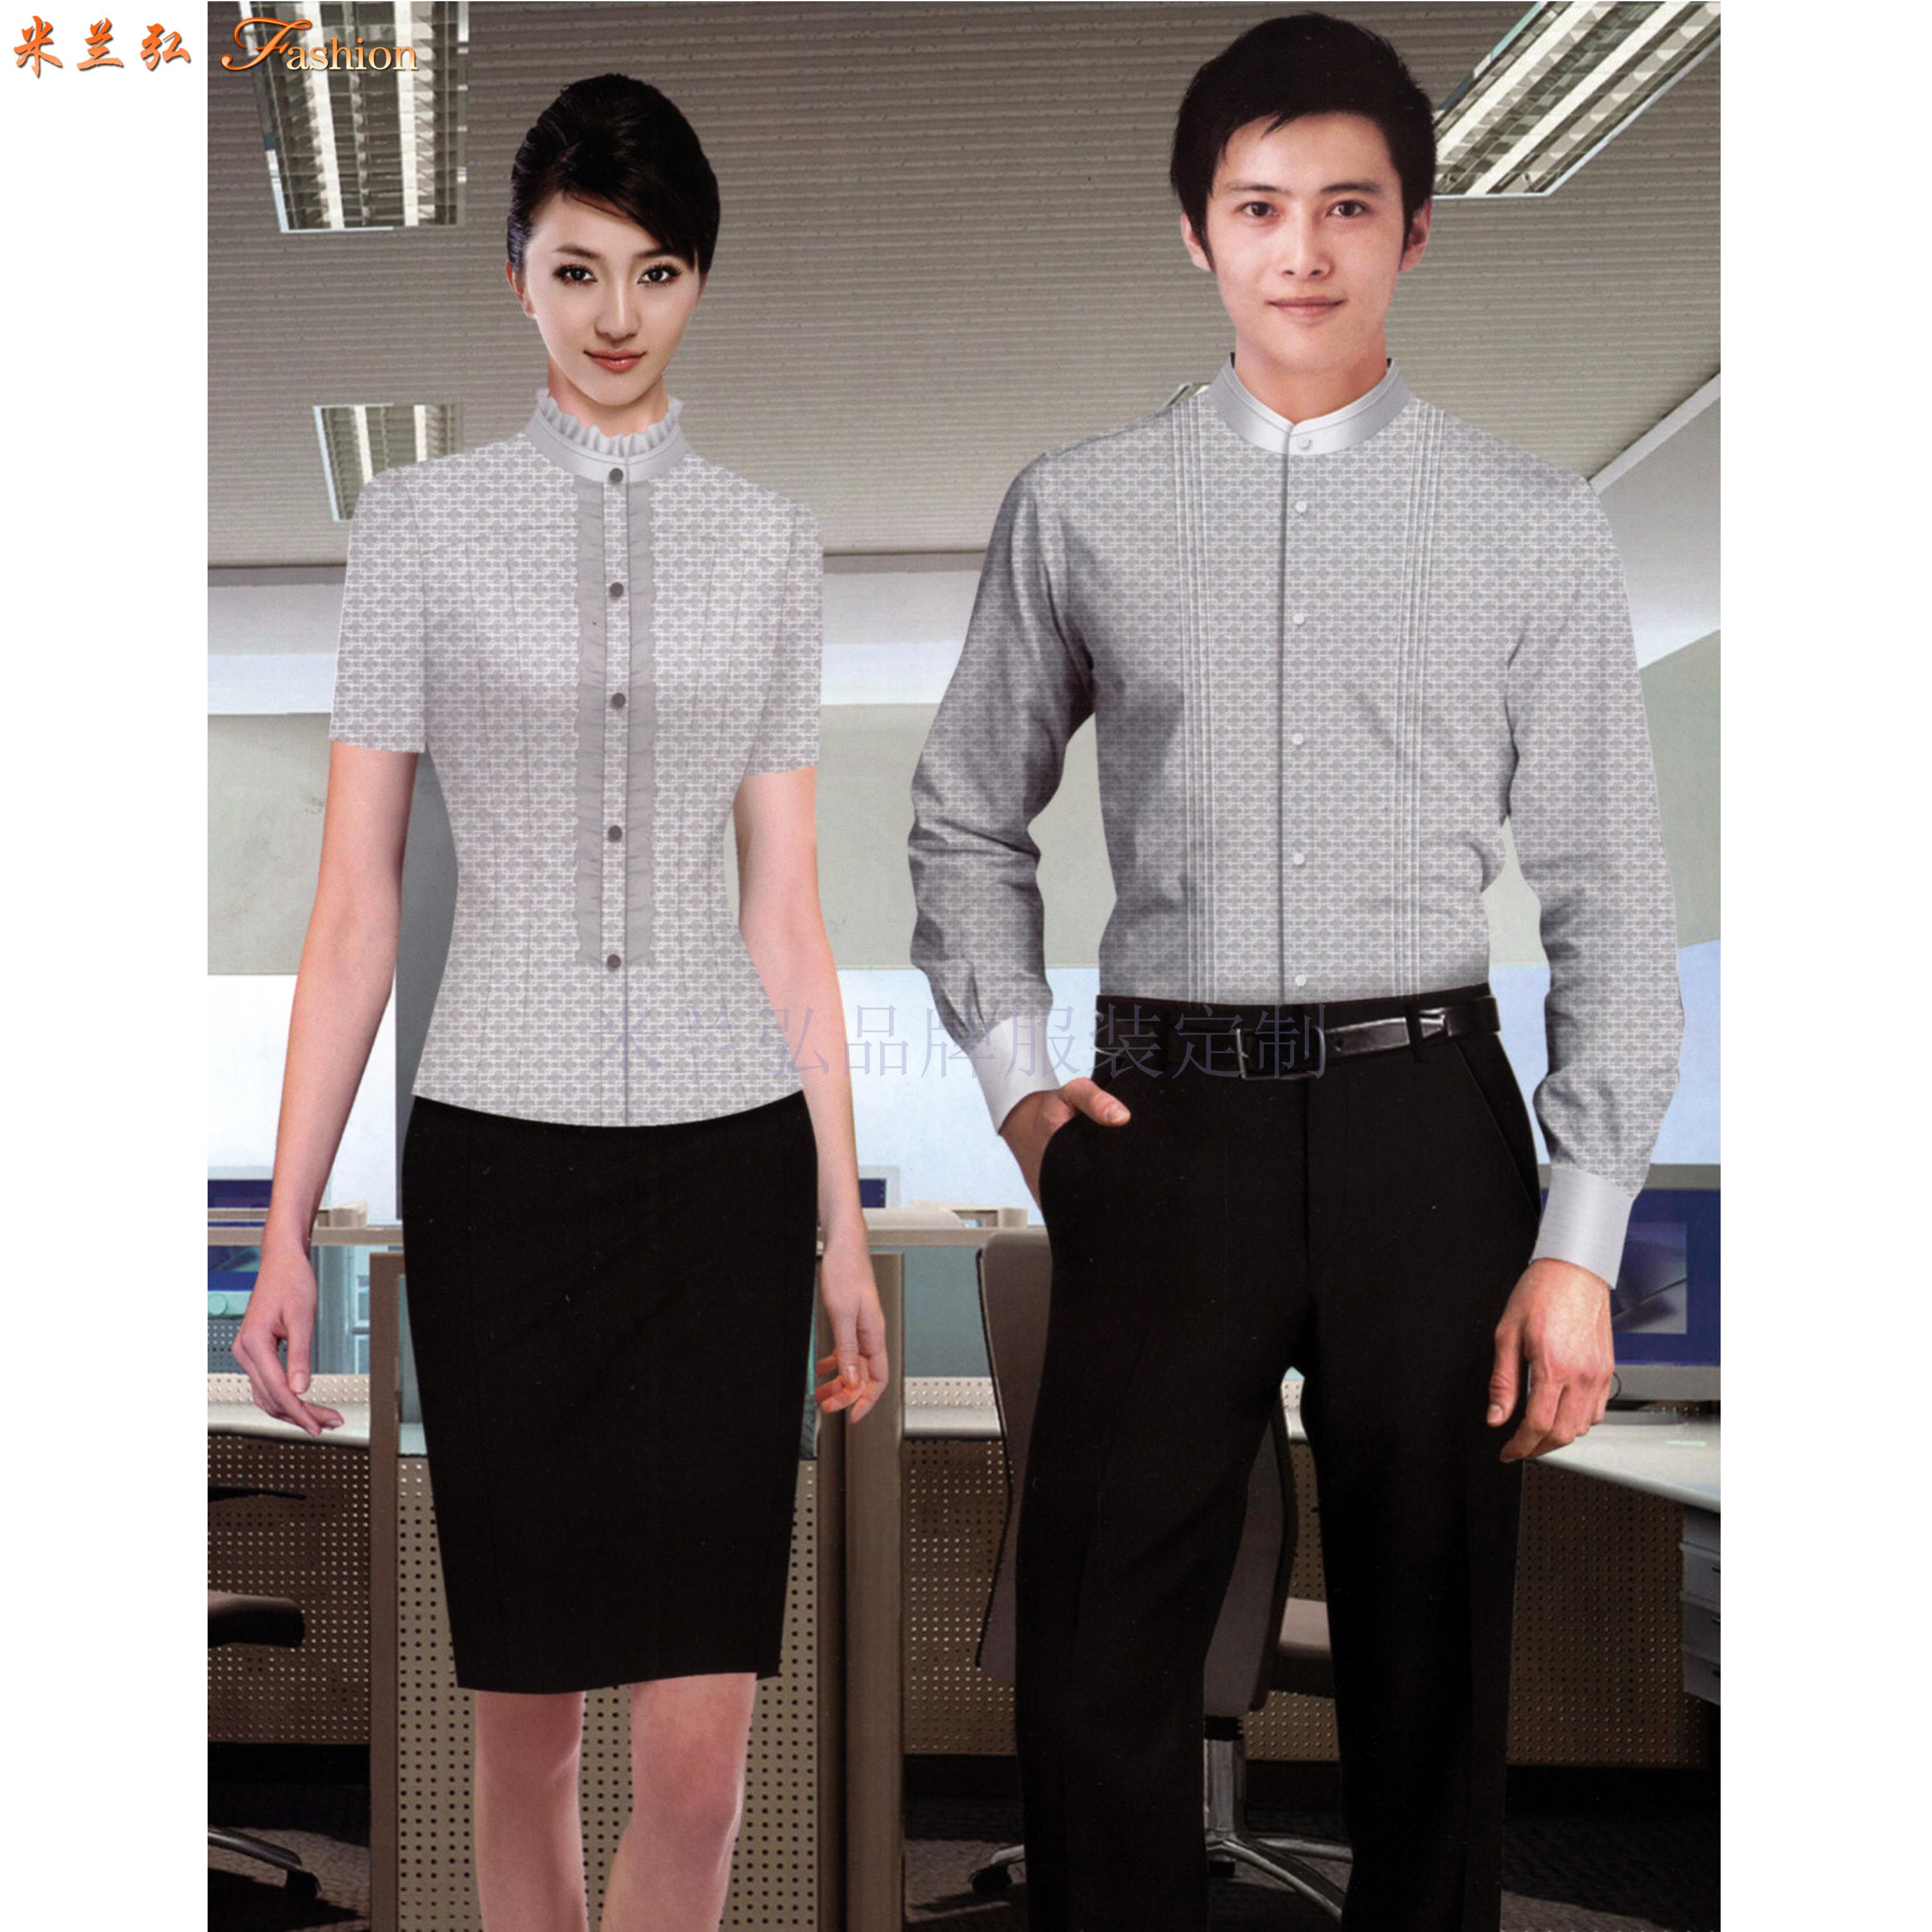 北京襯衫定制_北京襯衫訂做-米蘭弘服裝廠家-2